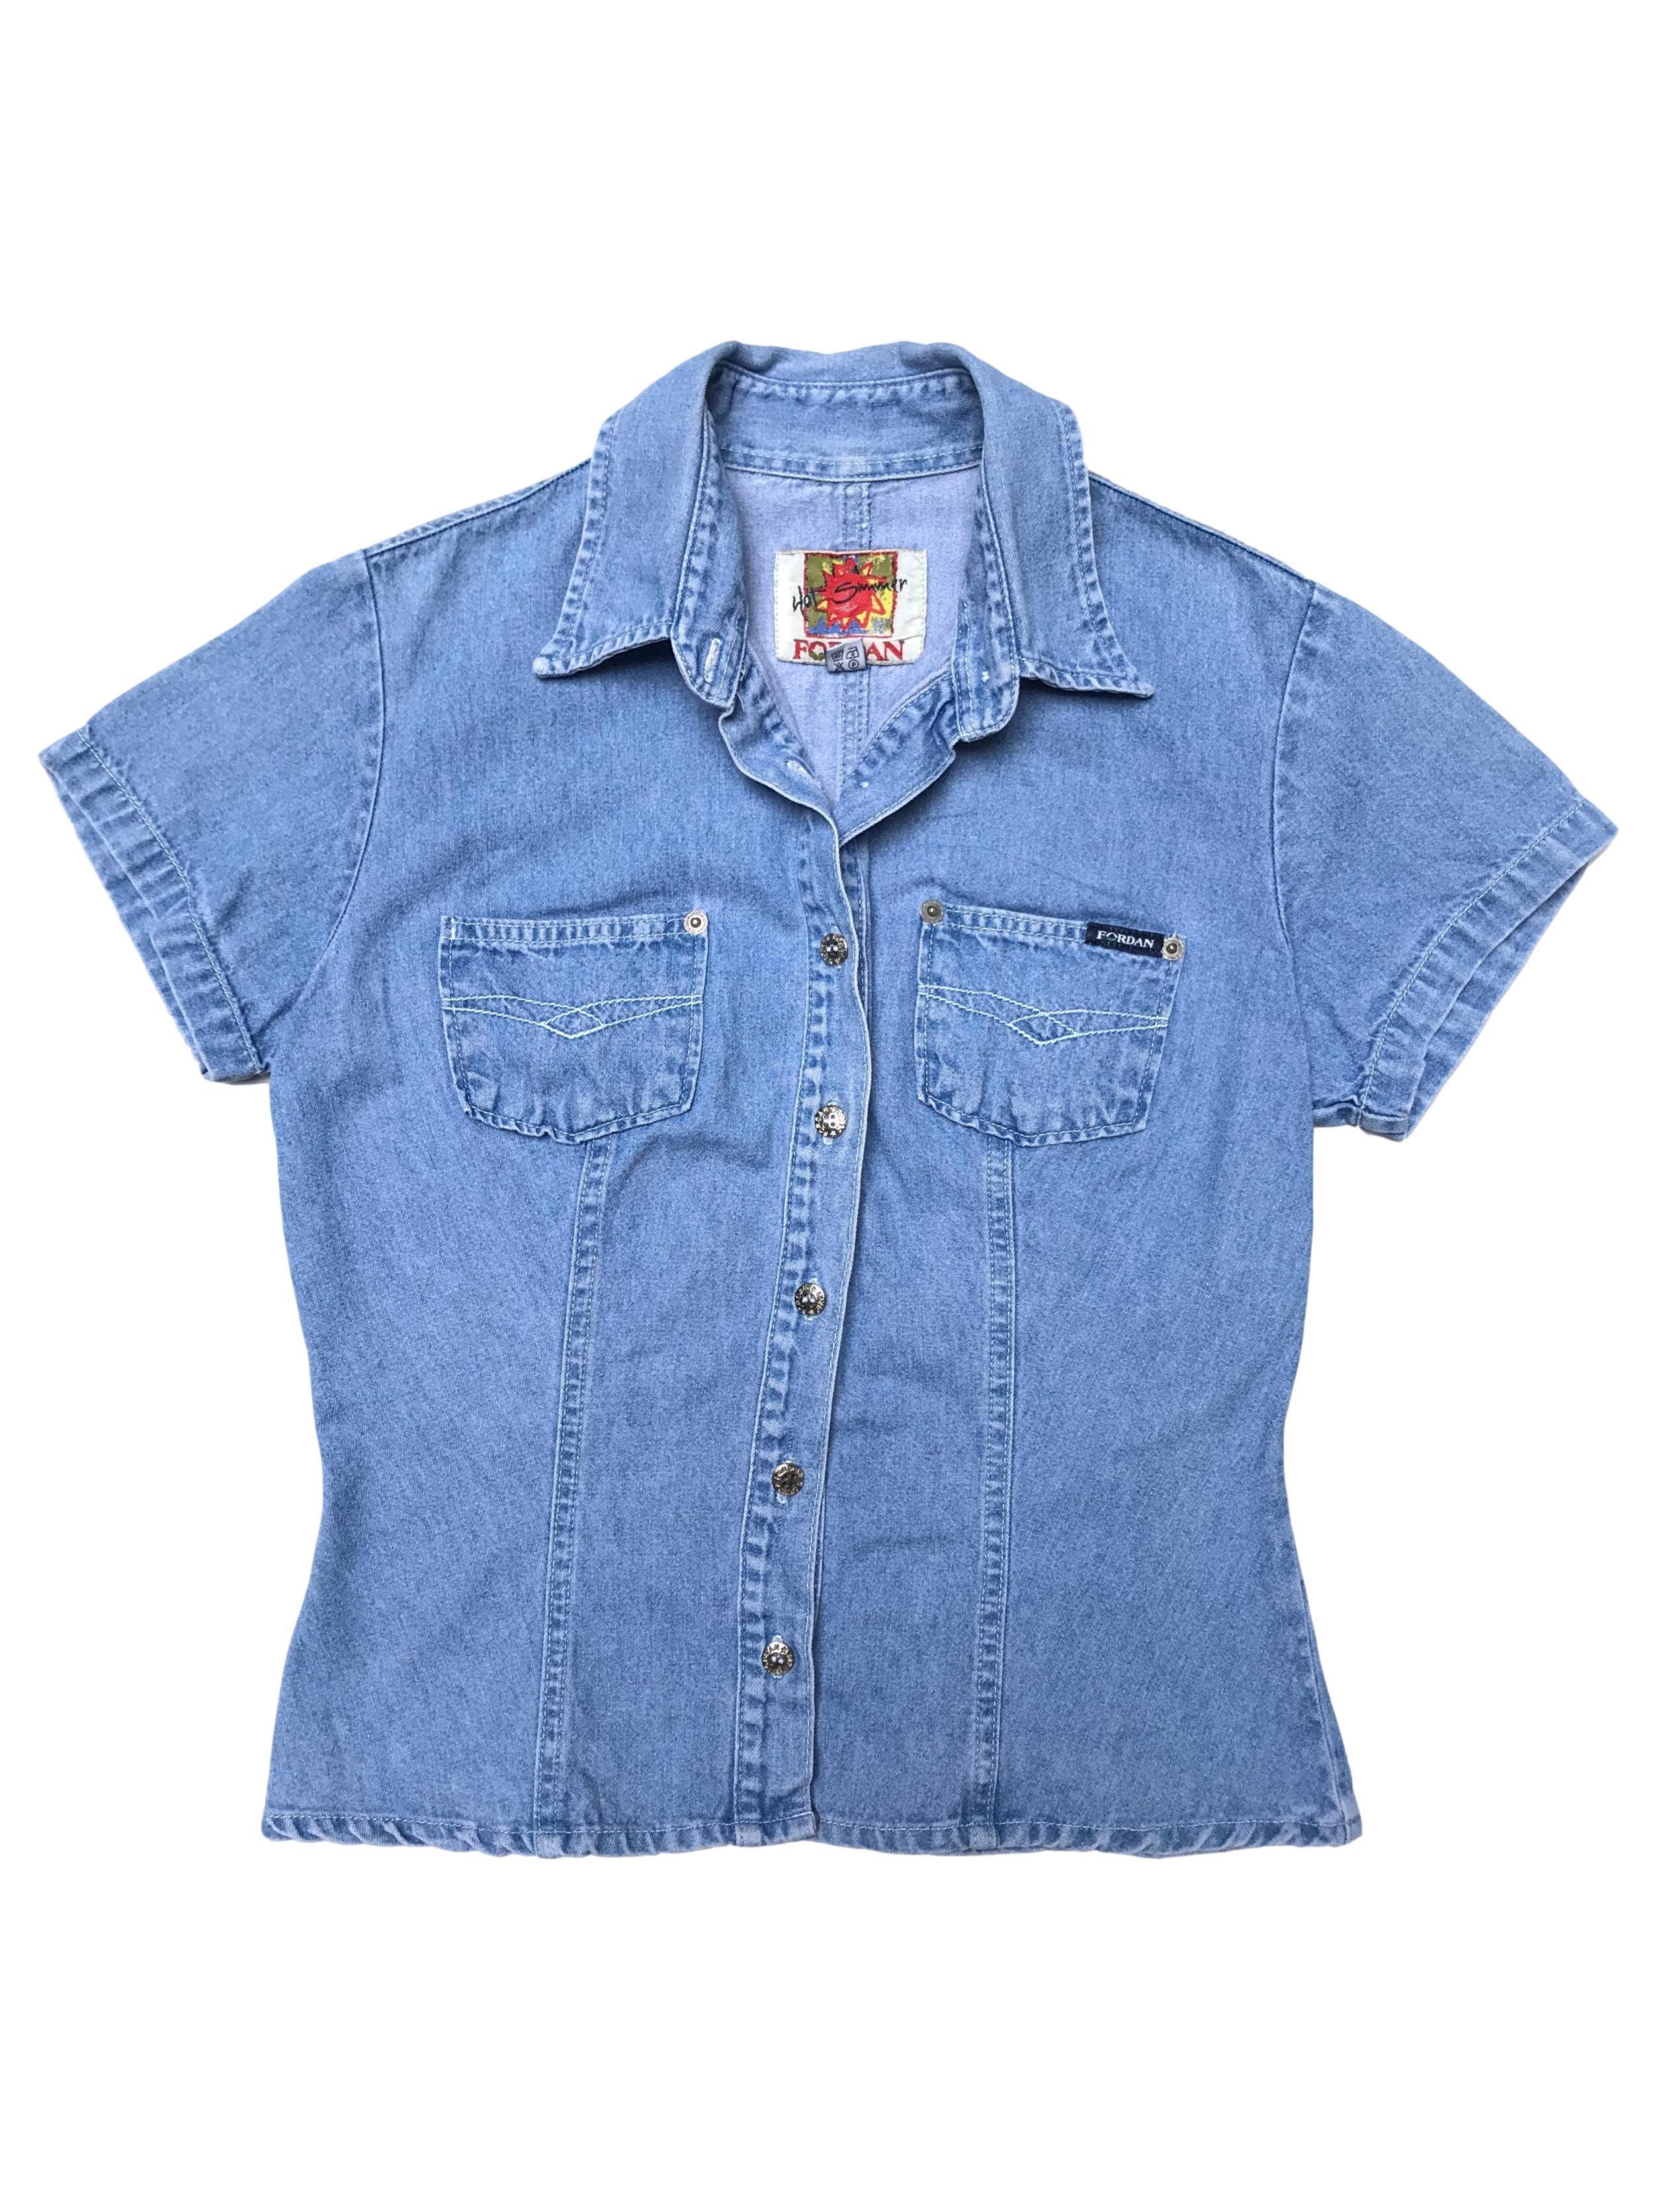 Blusa vintage de jean, lleva pinzas y bolsillos en el pecho. Busto 95cm